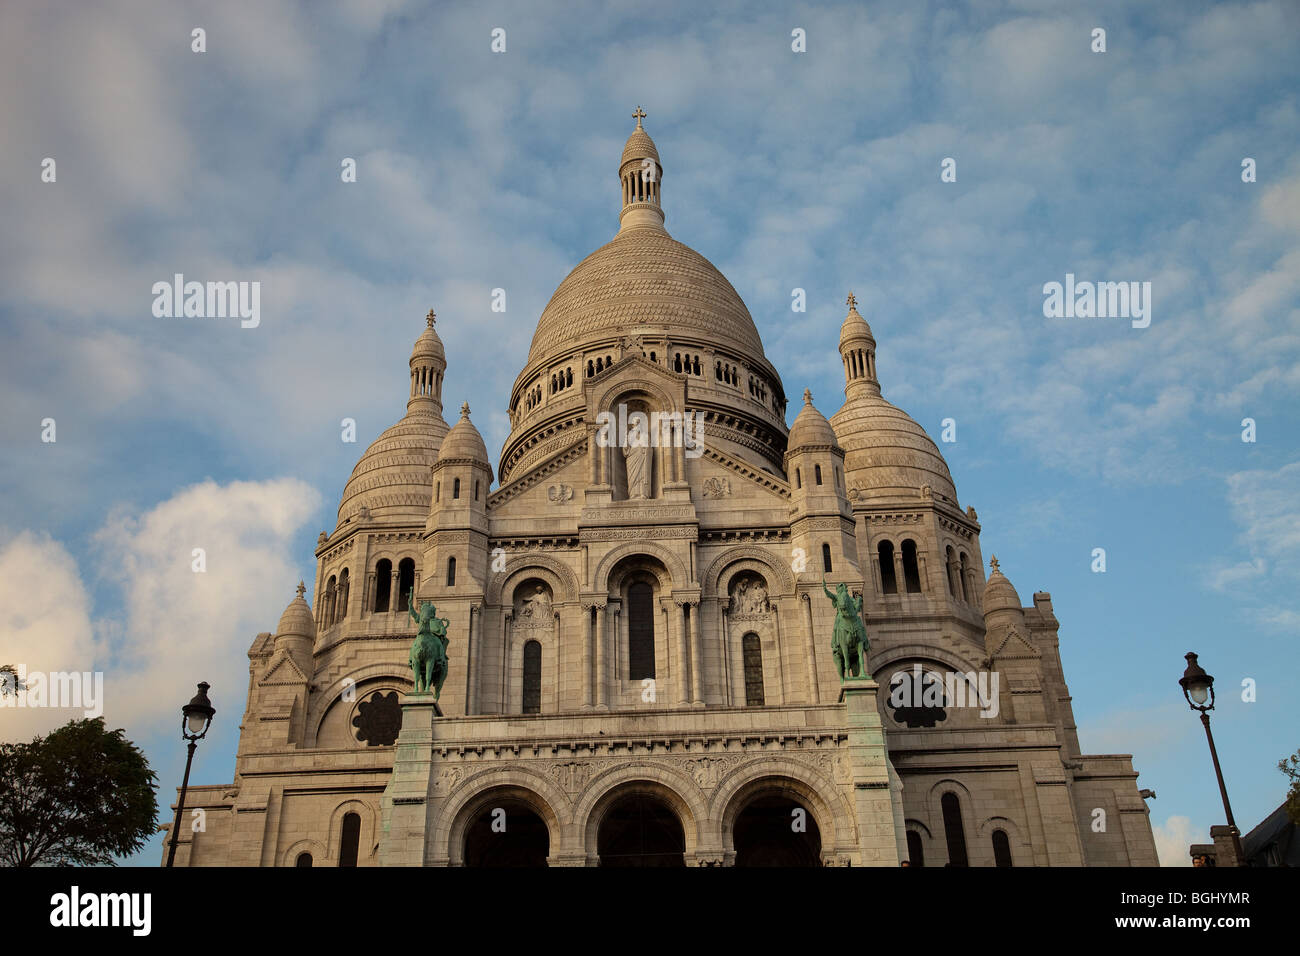 Sacré-Cœur Basilica - Basilica of the Sacred Heart of Jesus of Paris - Stock Image